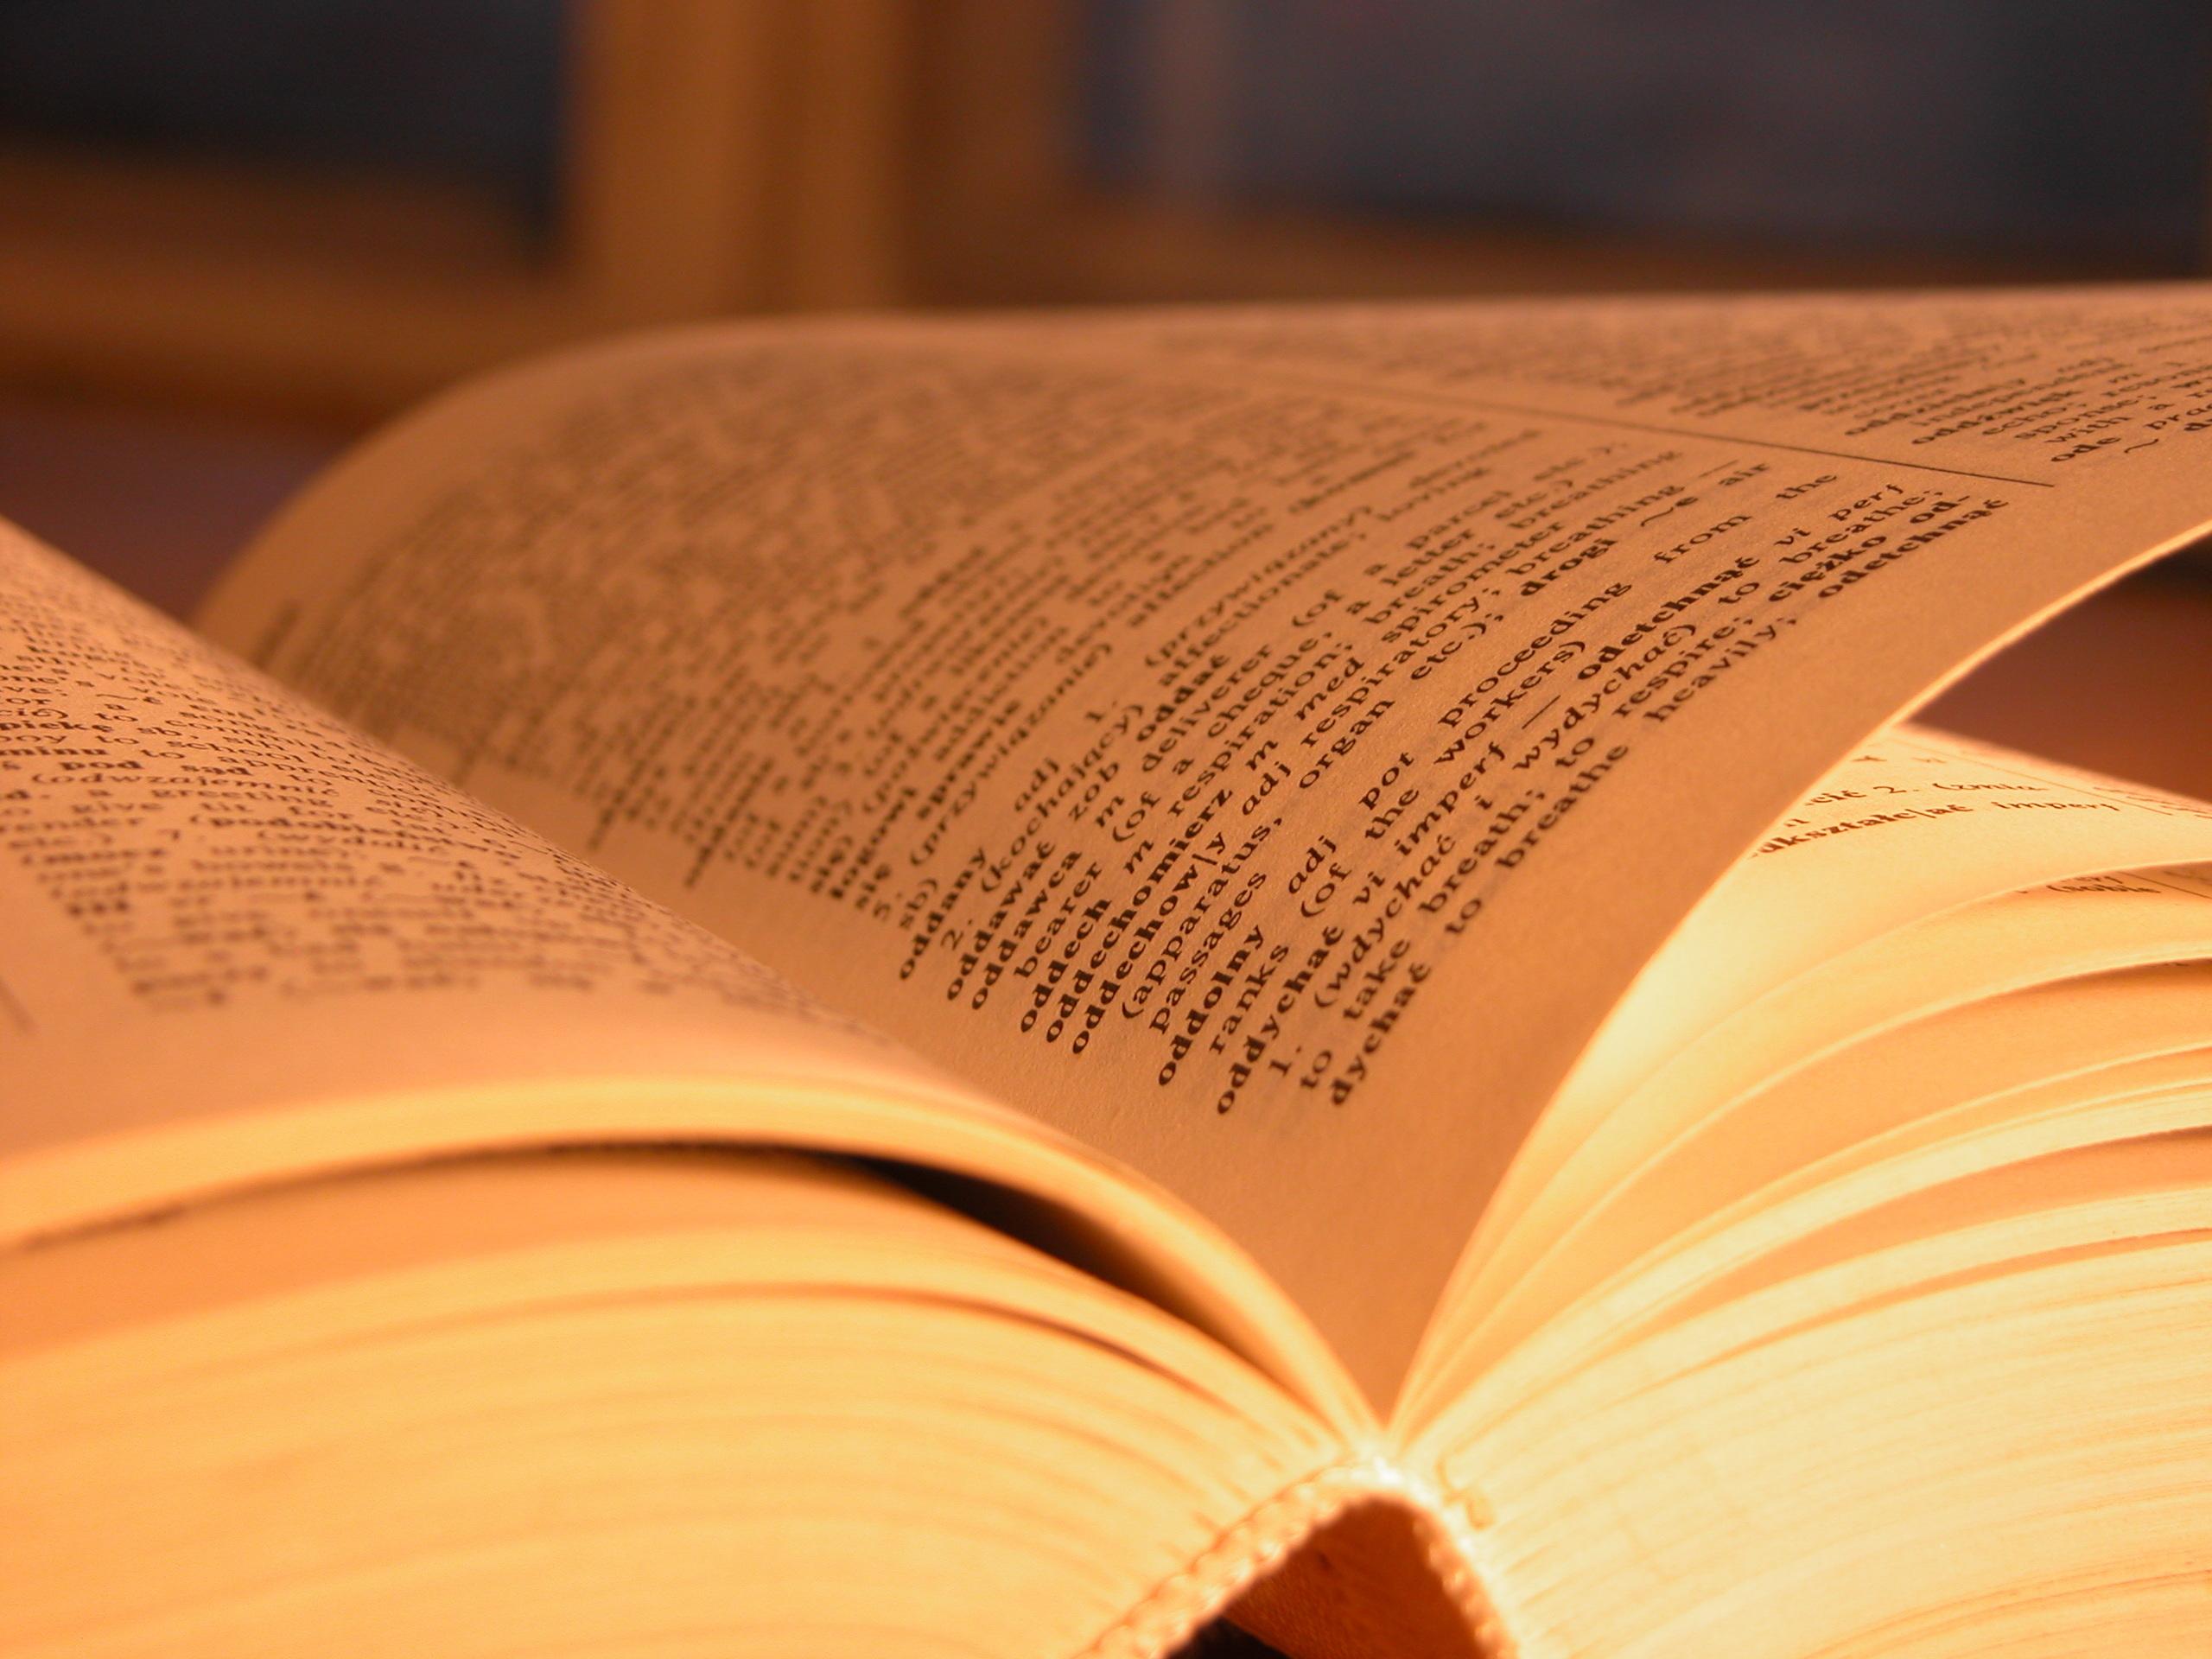 книга слова макро book words macro  № 1998320 без смс